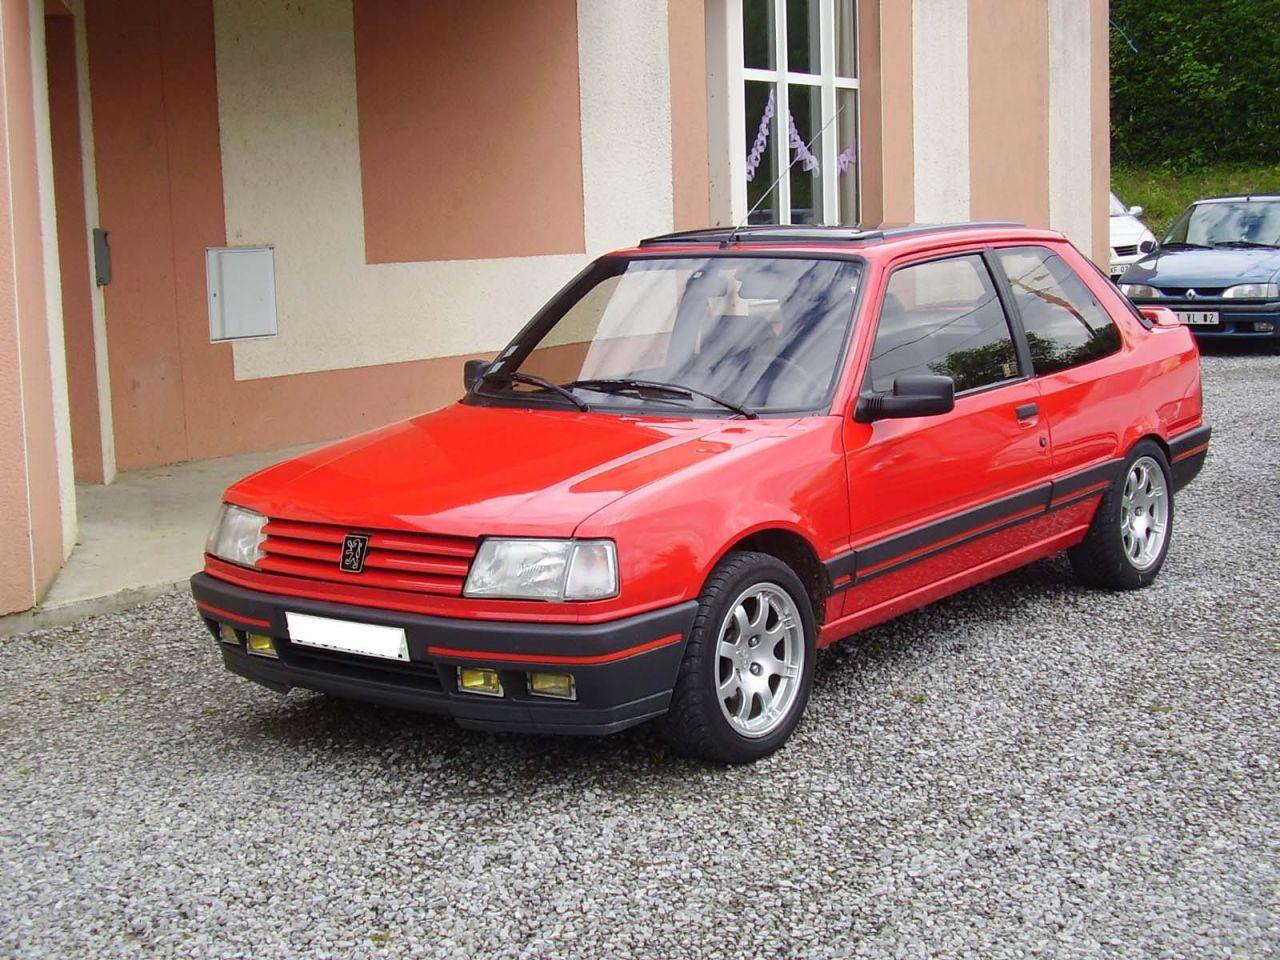 1991 Peugeot 309 Pictures Cargurus